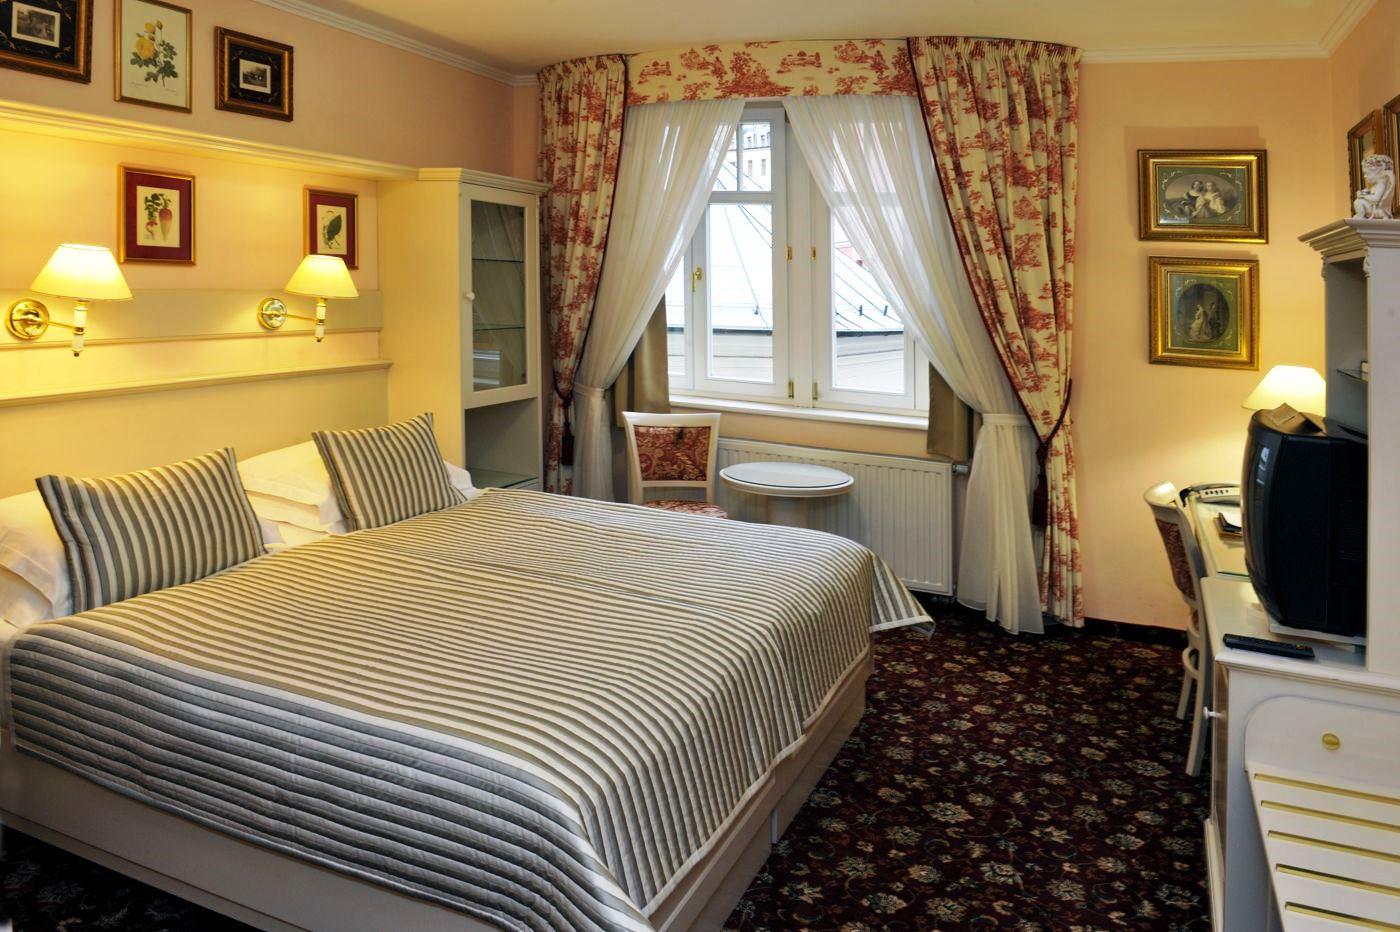 Lázeňský hotel Aura Palace – luxusní ubytování, dvoulůžkový pokoj